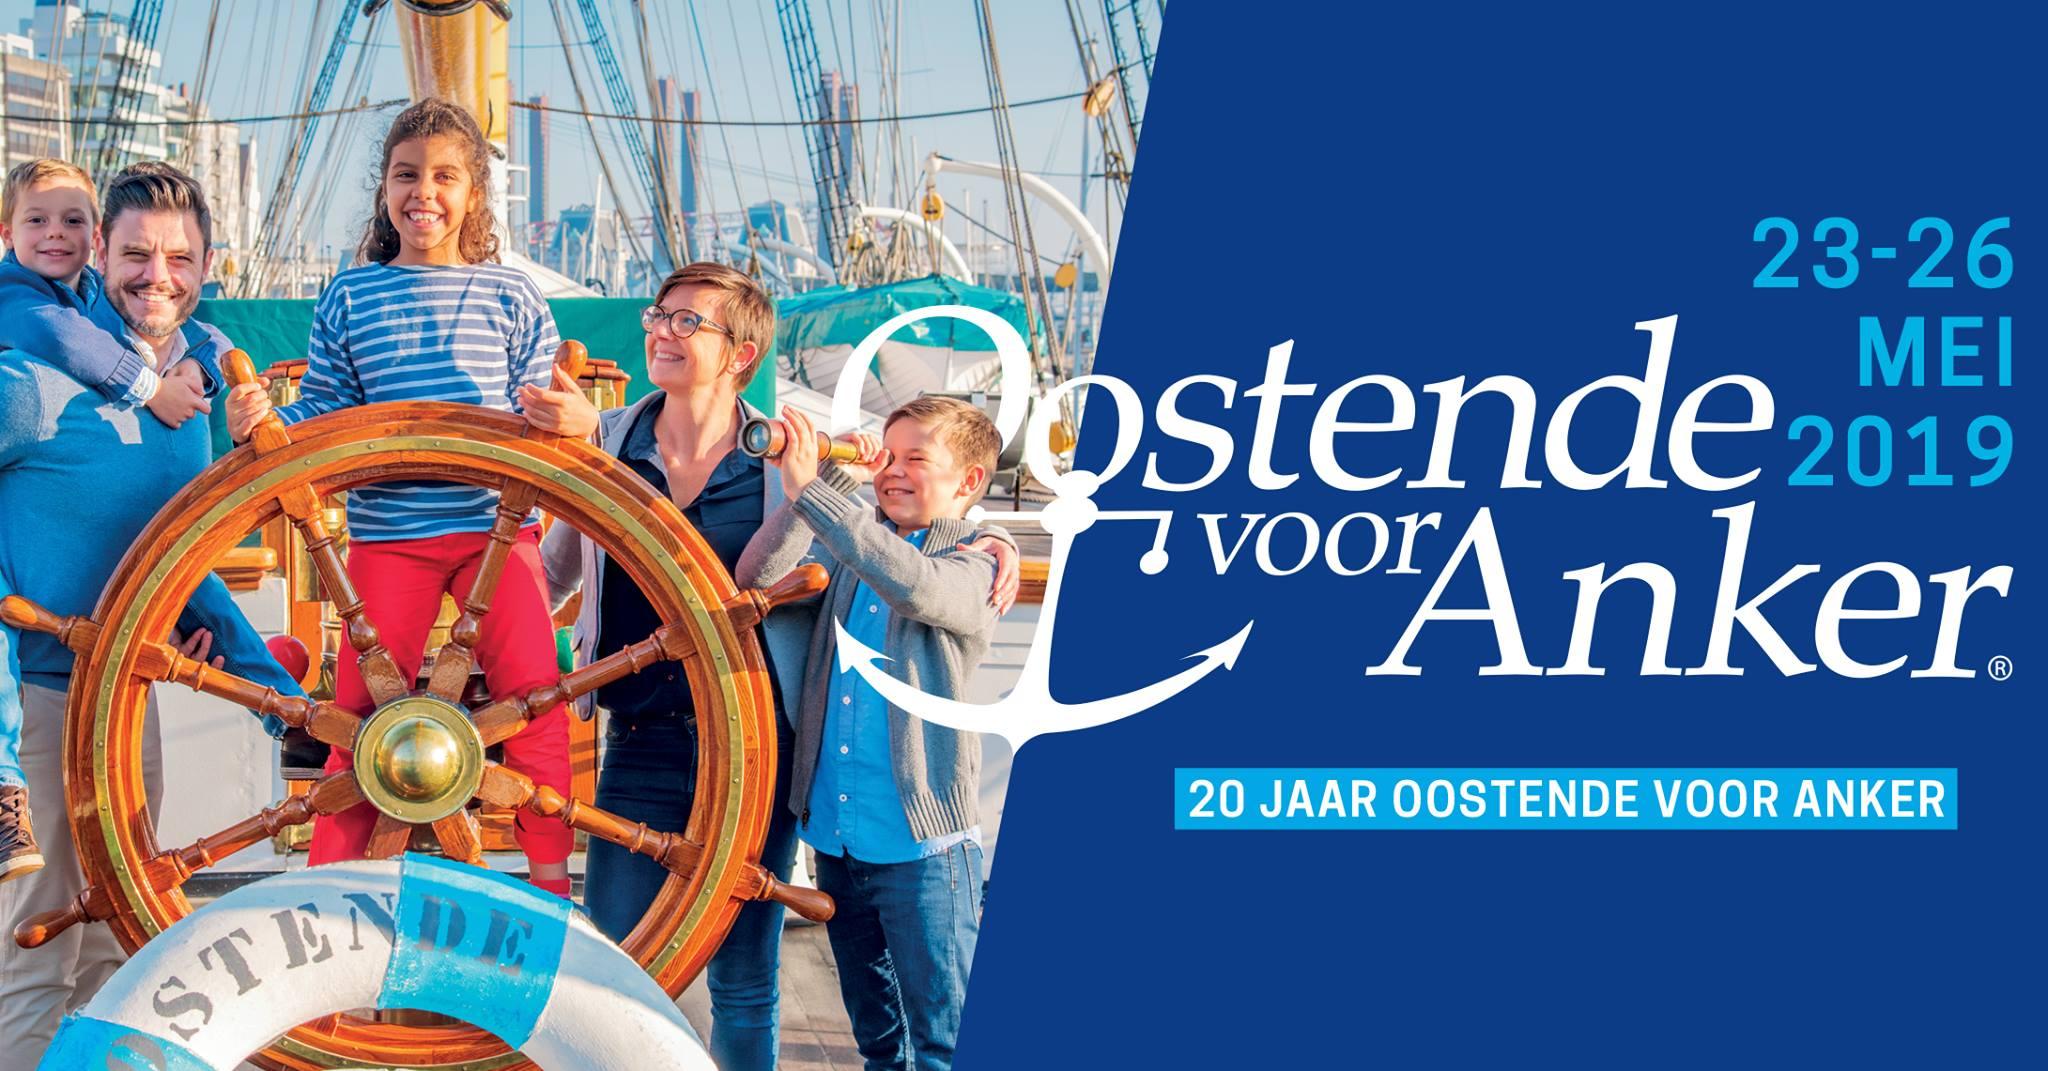 20 jaar Oostende Voor Anker